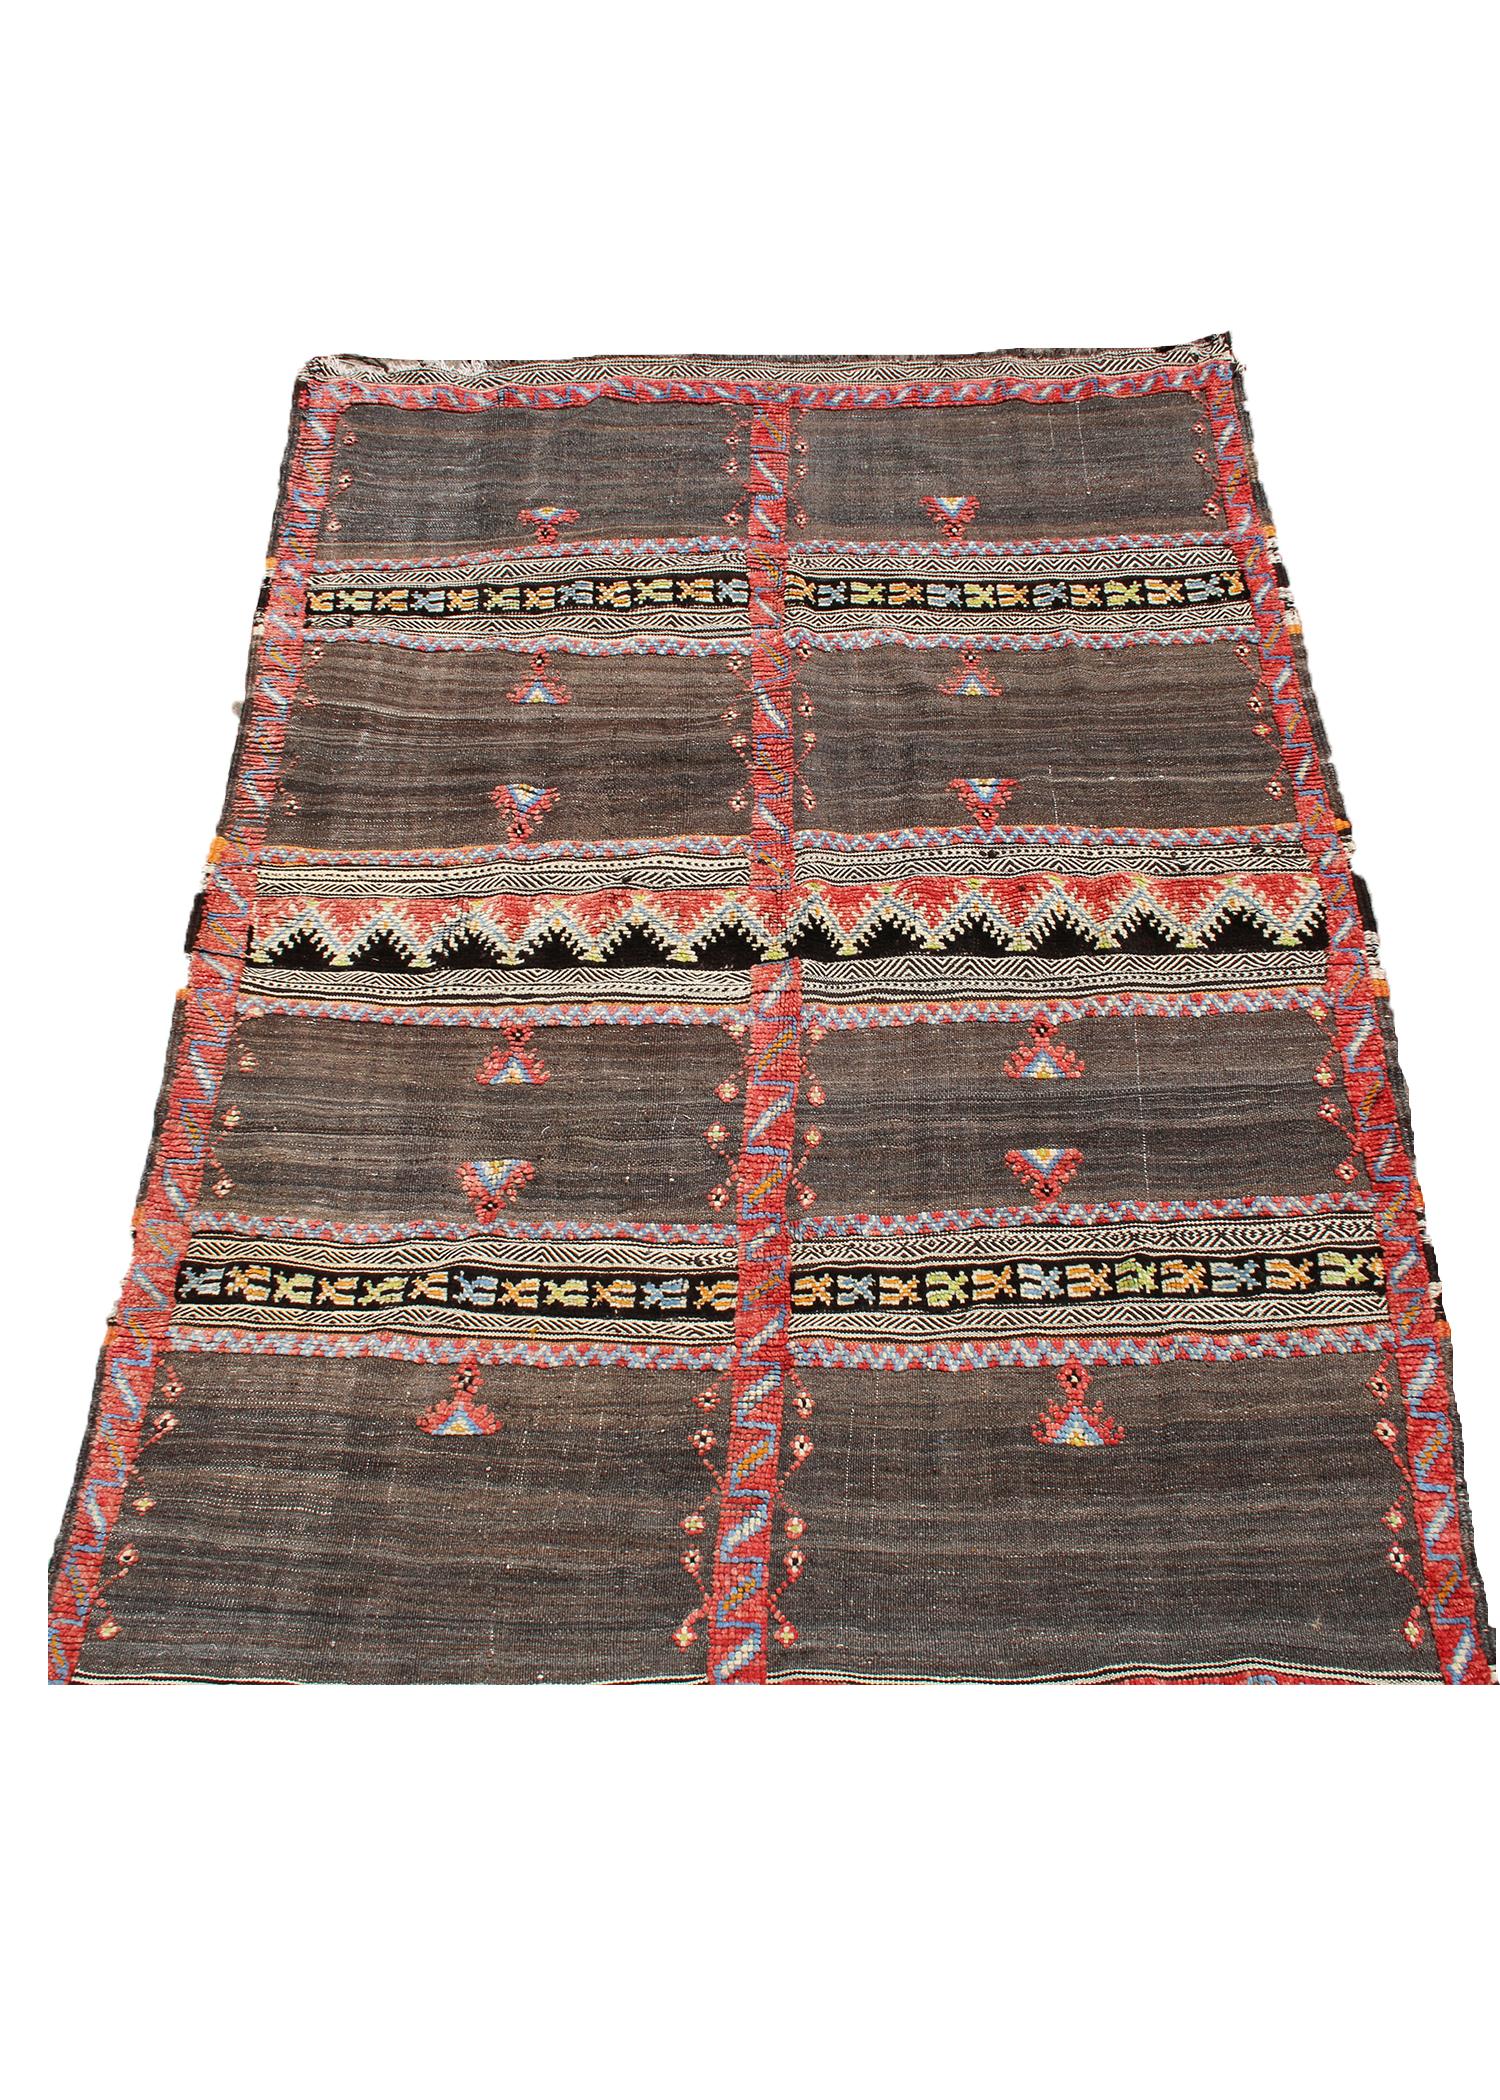 R3 full length rug